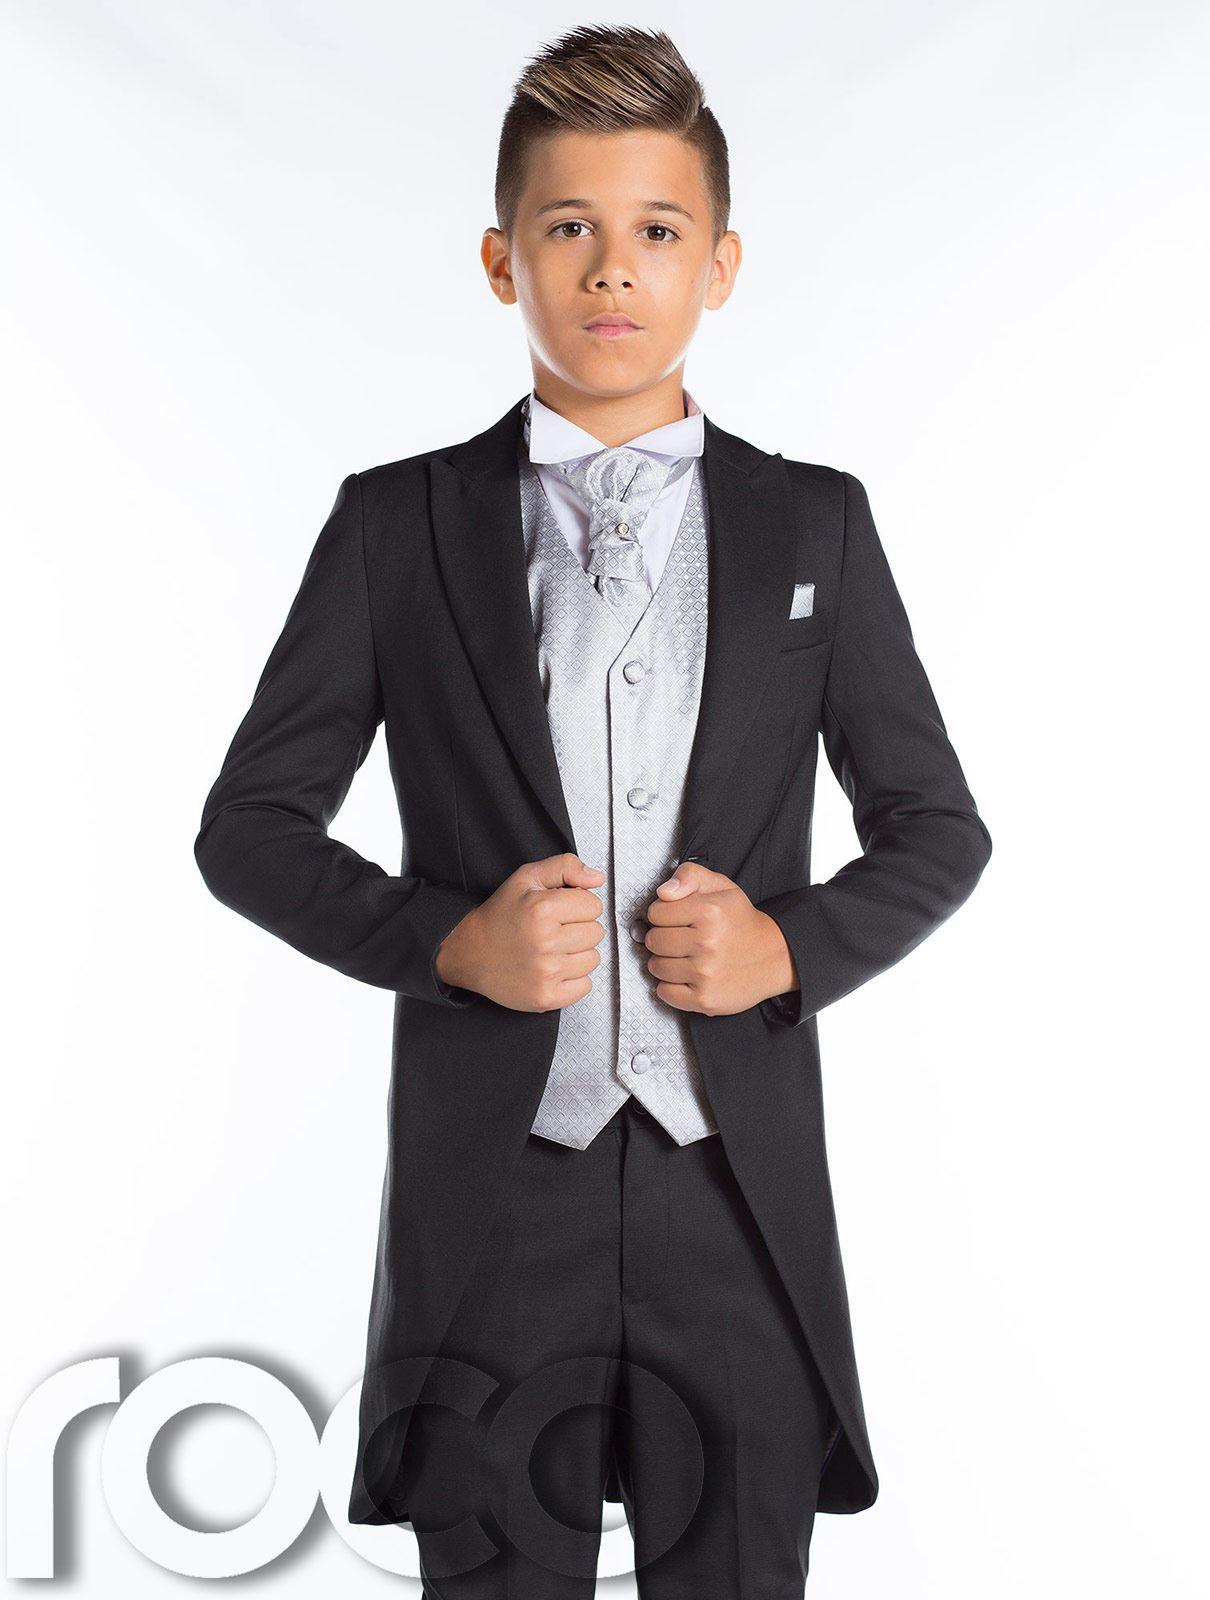 Boys Black Tail Suit, Prom Suit, Page Boy Suit, Boys Black Suit ...